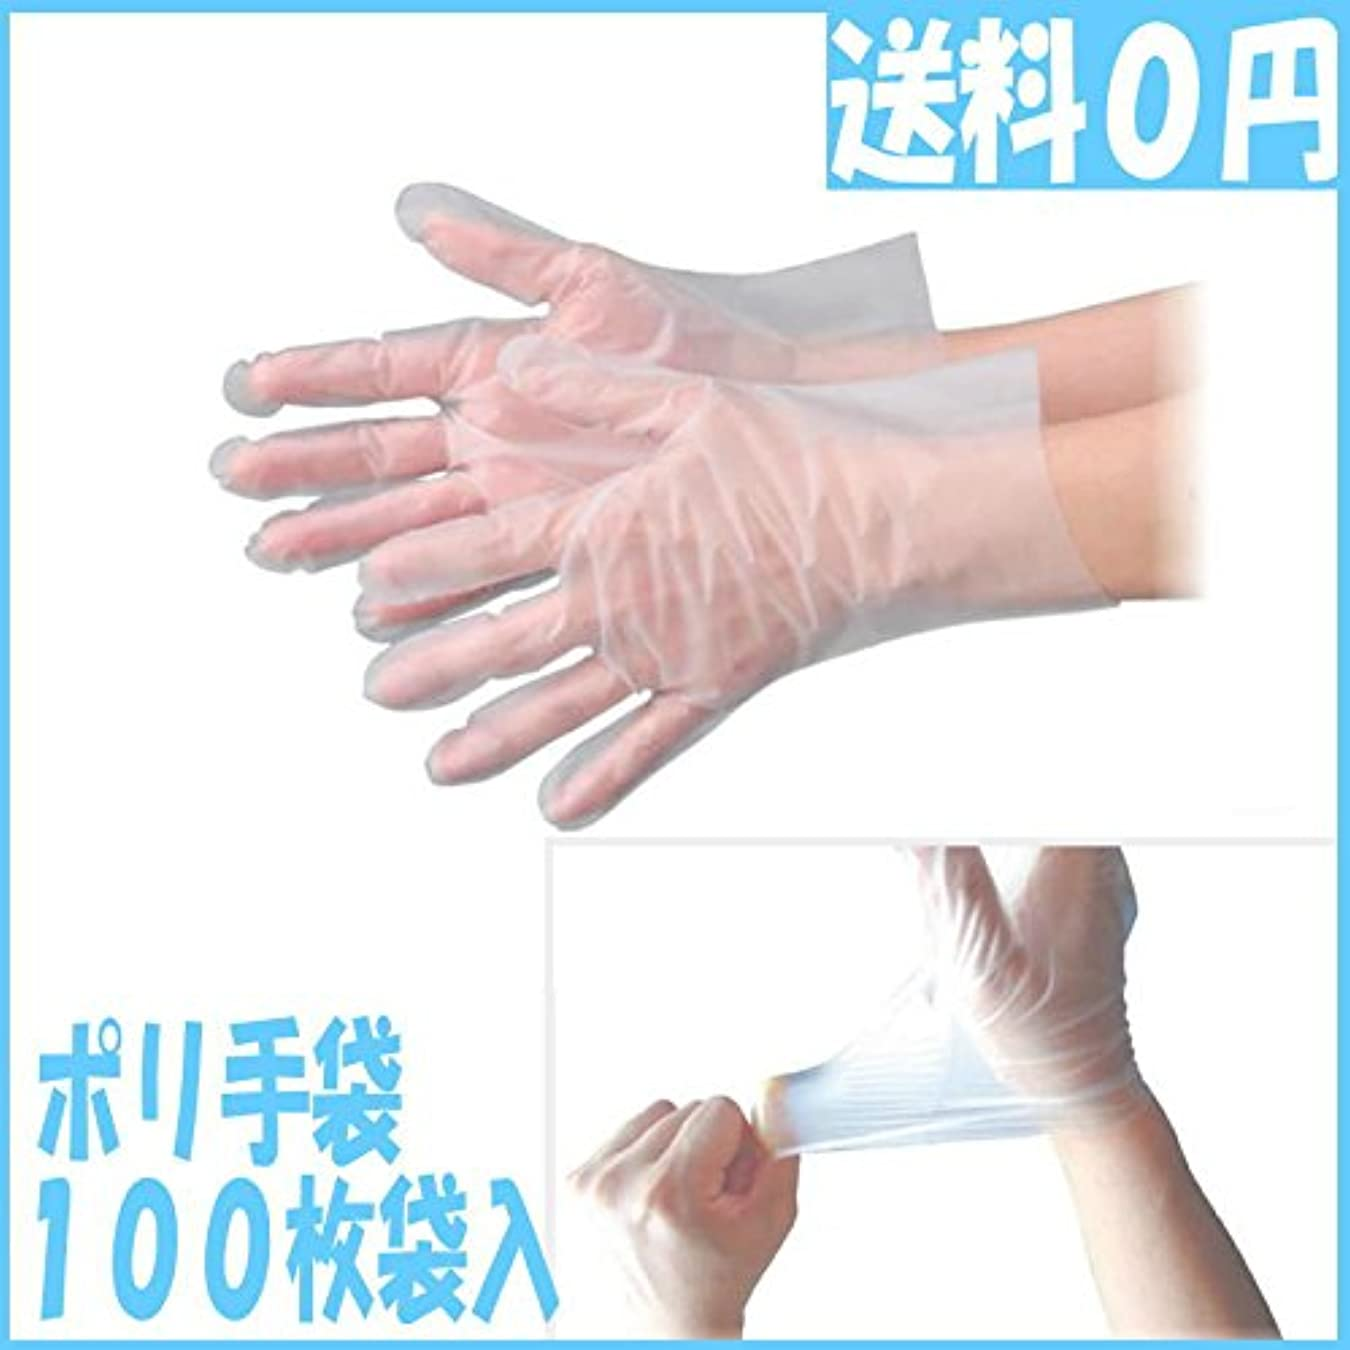 ルー倒錯変数使い捨てポリエチレン手袋 100枚袋入り シルキータッチ35【ポリ手袋】 (S)